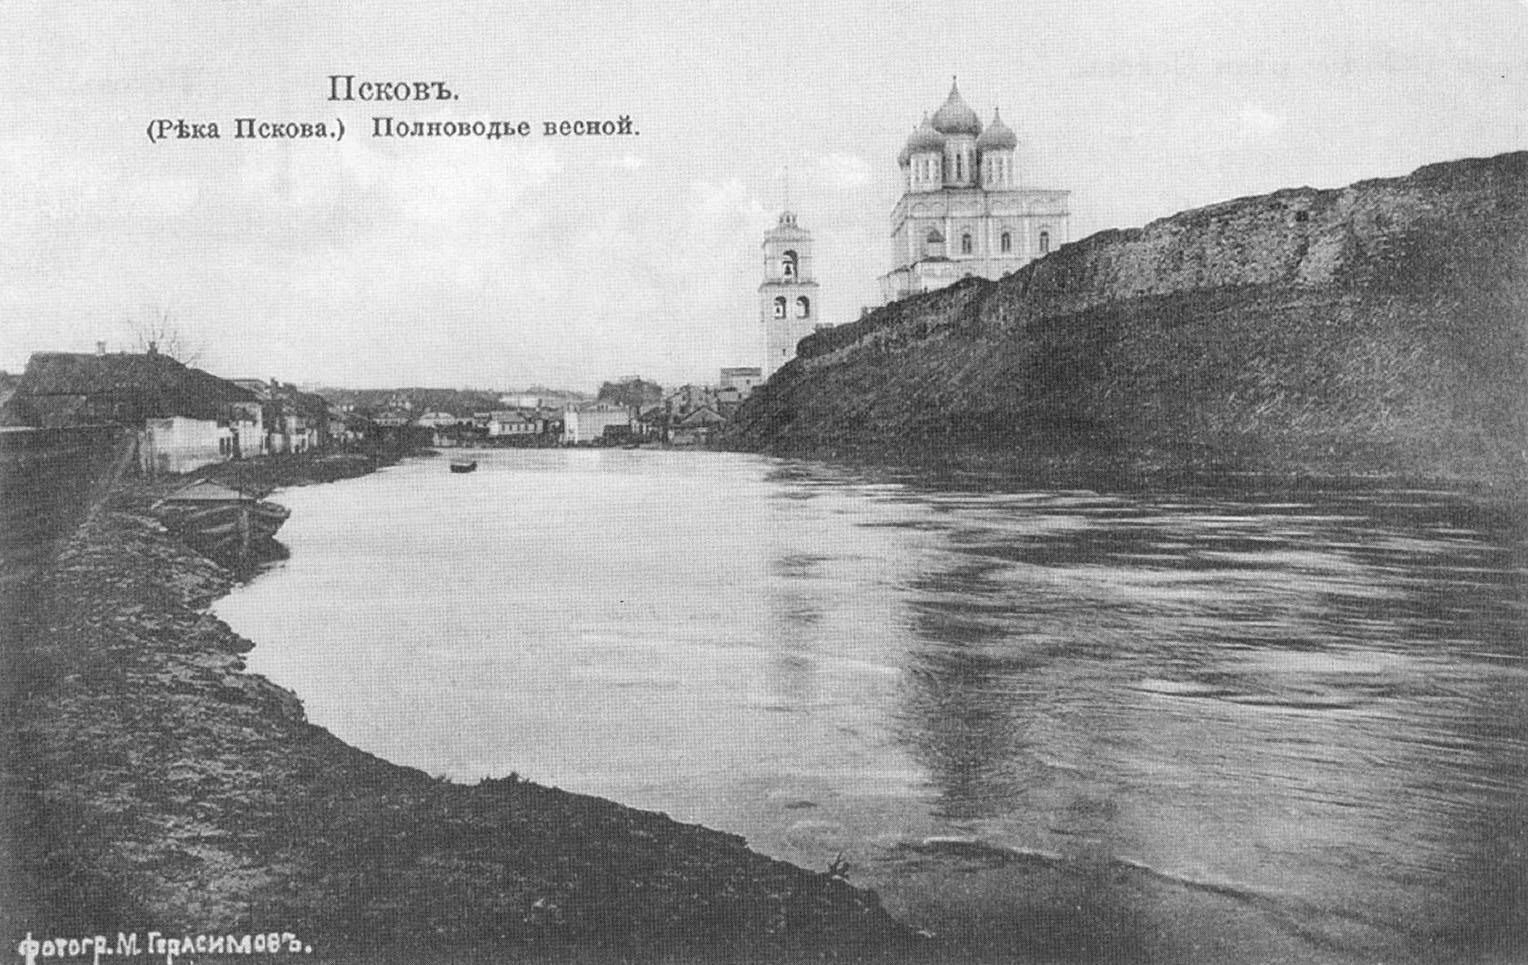 Псков. Река Пскова. Полноводье весной.